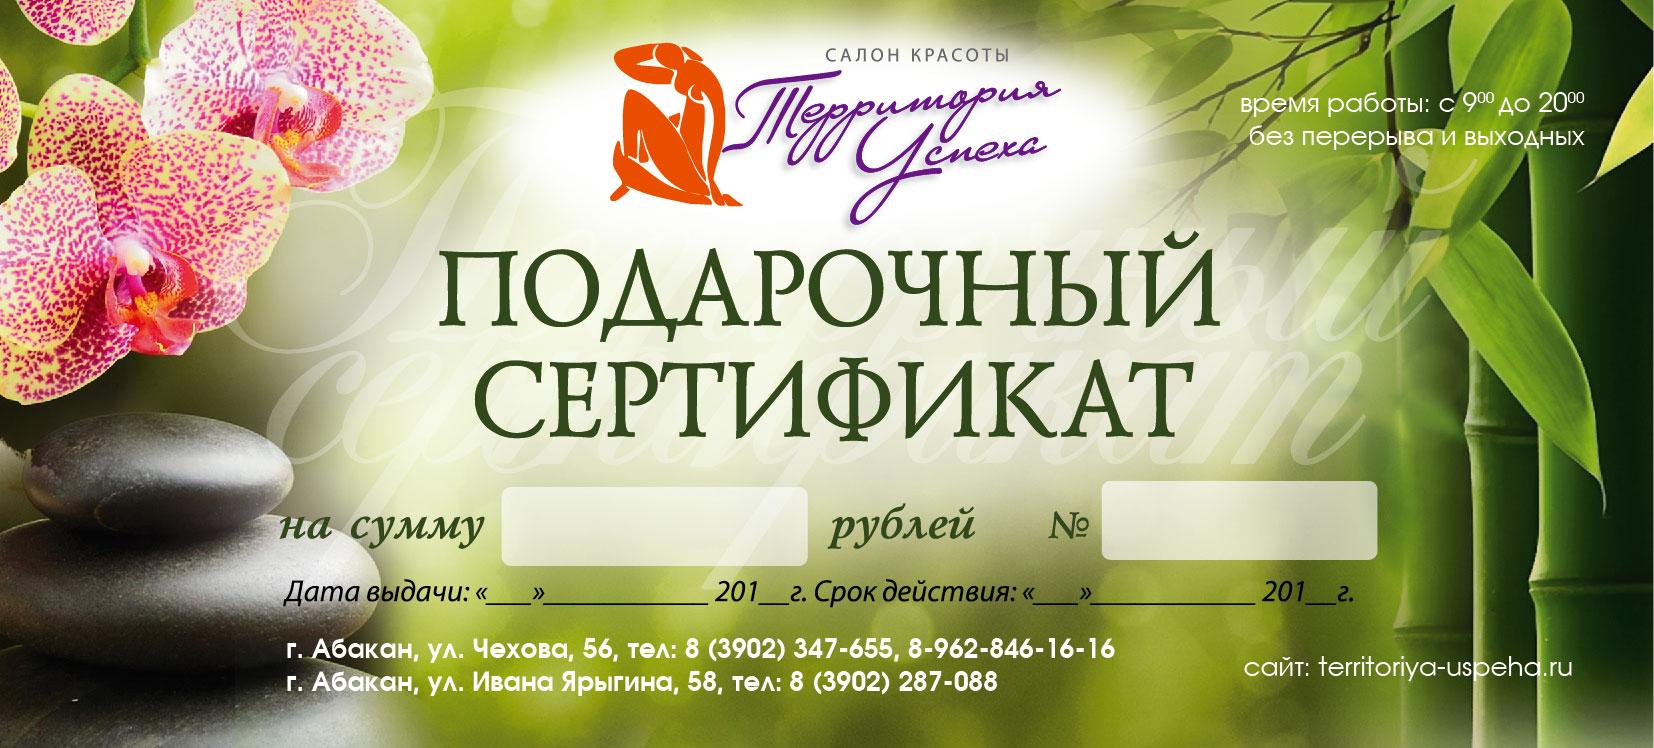 Сертификат на массаж мужчине в подарок спб